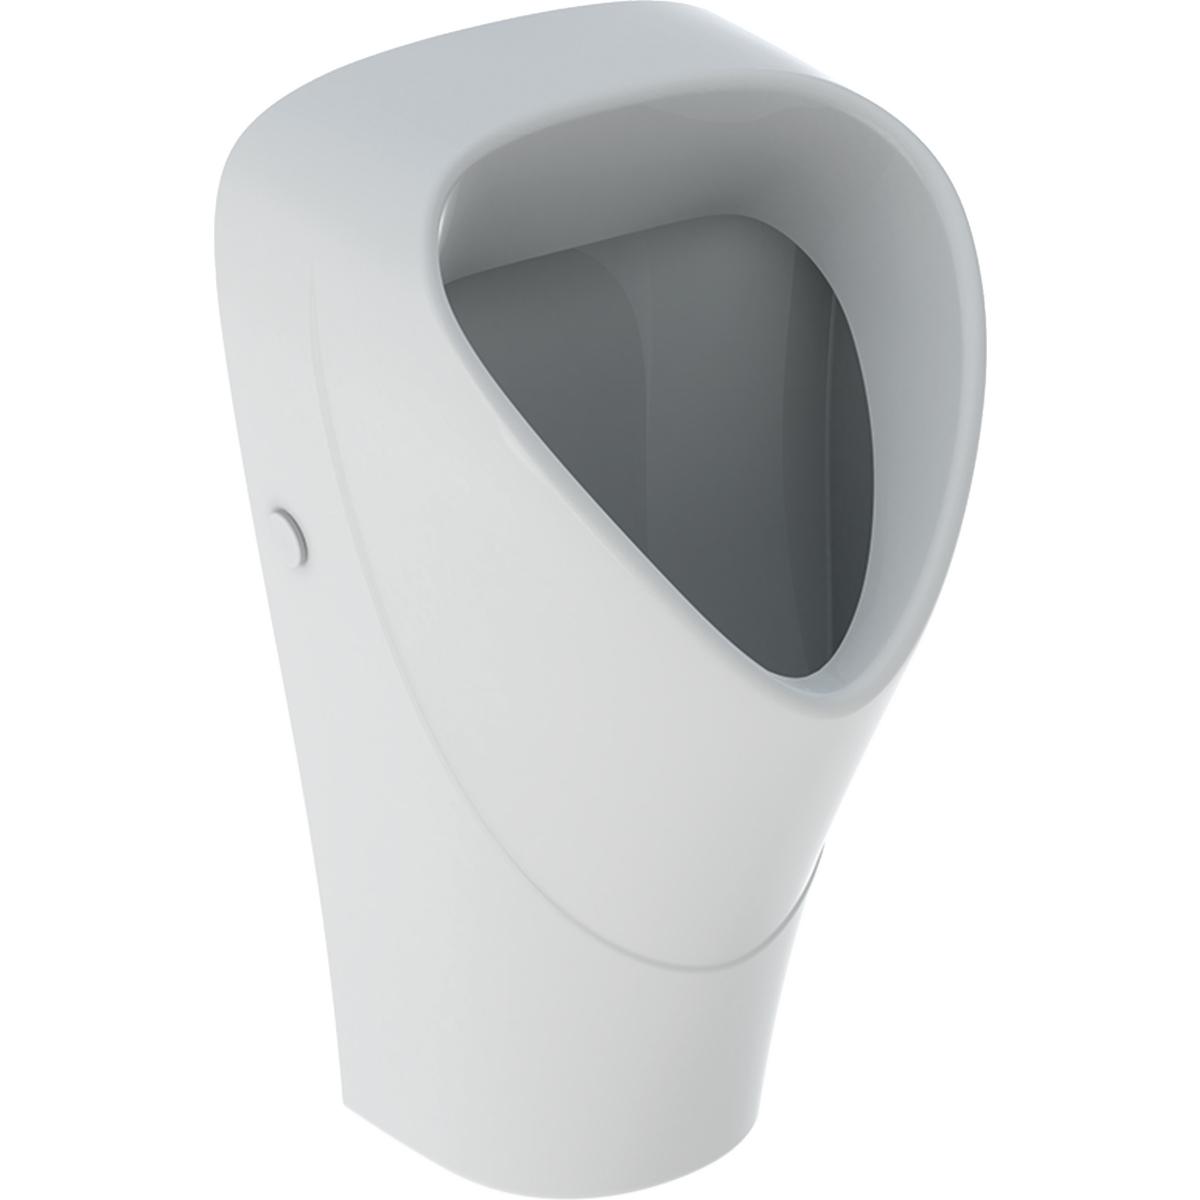 Productafbeelding van Geberit Renova urinoir aanvoer en afvoer verdekt, met KeraTect, wit